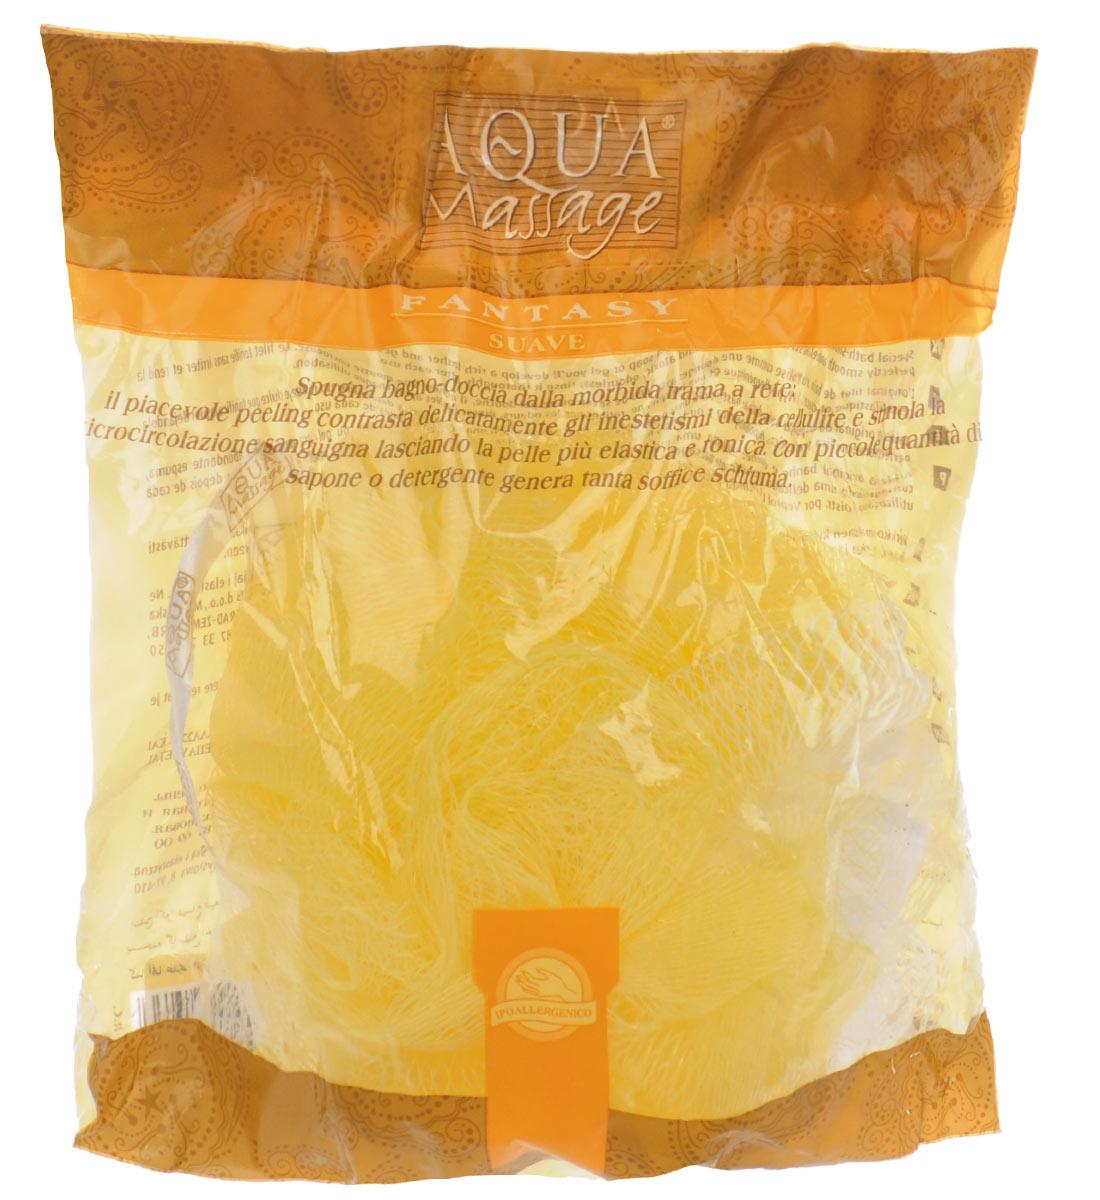 Мочалка Arix, с массажным эффектом, цвет: желтый, белый, 15 х 12 х 17 смAR958_желтый, белыйМочалка Arix изготовленная из синтетических волокон, превосходно массажирует, тонизирует и очищает кожу без раздражения. Делает ее эластичной и гладкой. Используется даже с минимальным количеством мыла, образуя много пены. Изделие оснащено петелькой для удобного подвешивания в ванне.